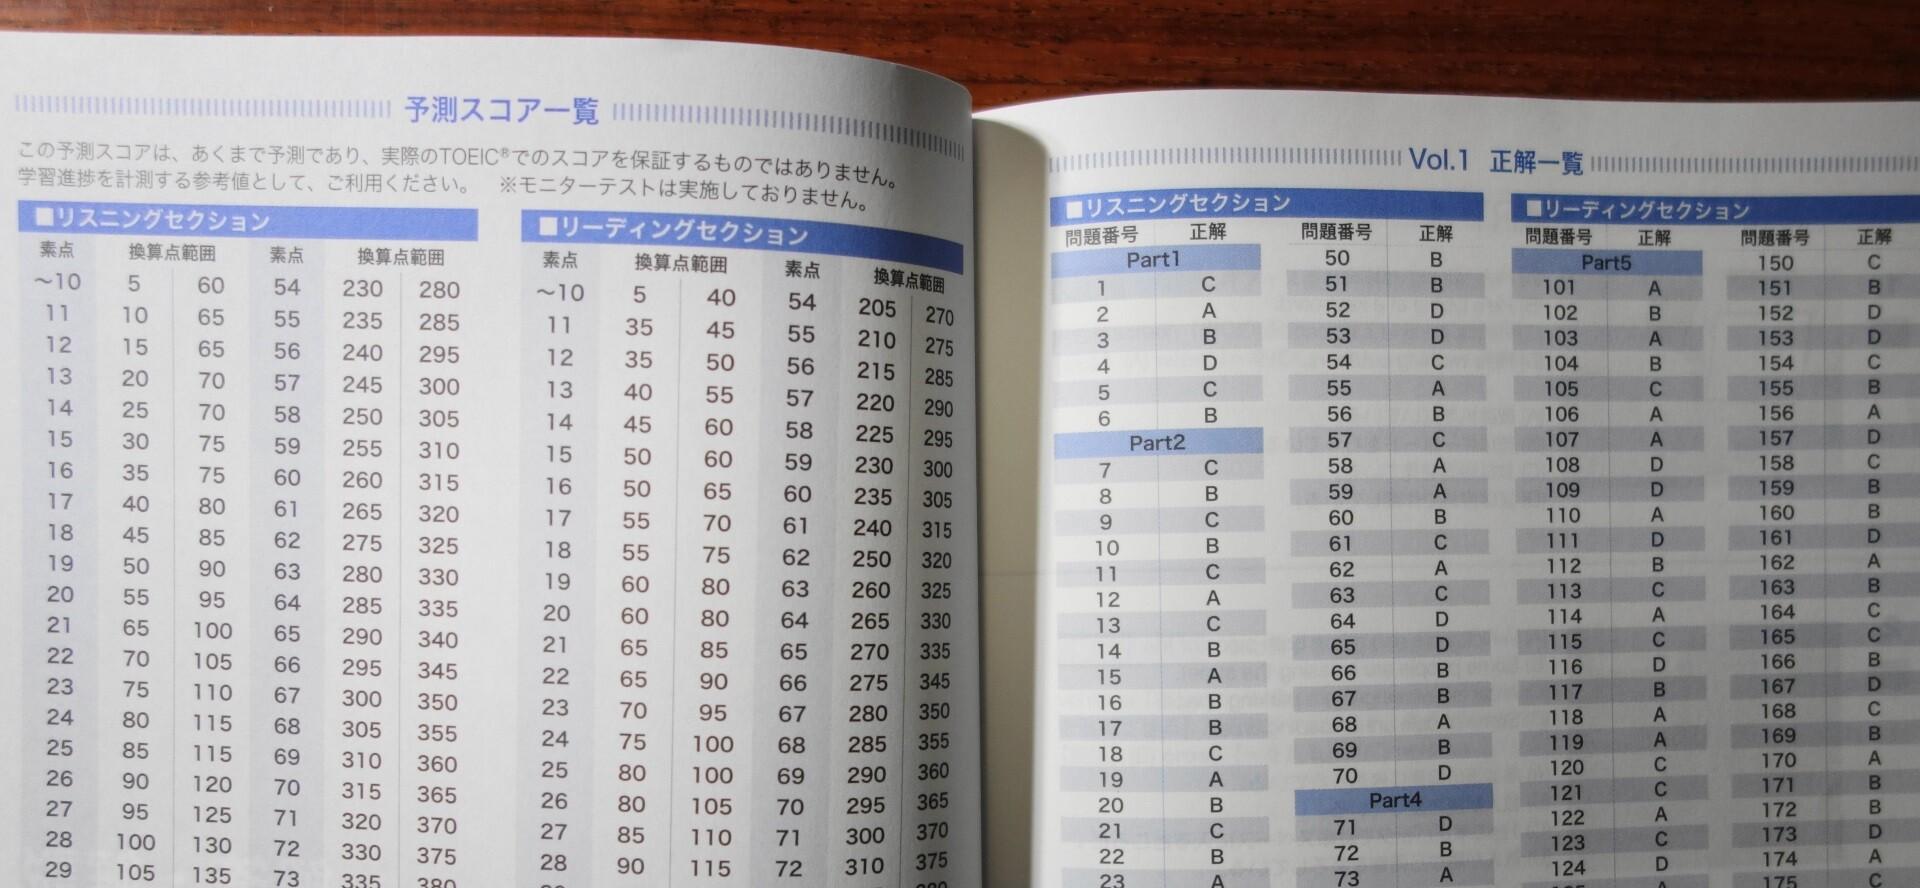 スコア換算表と正解一覧